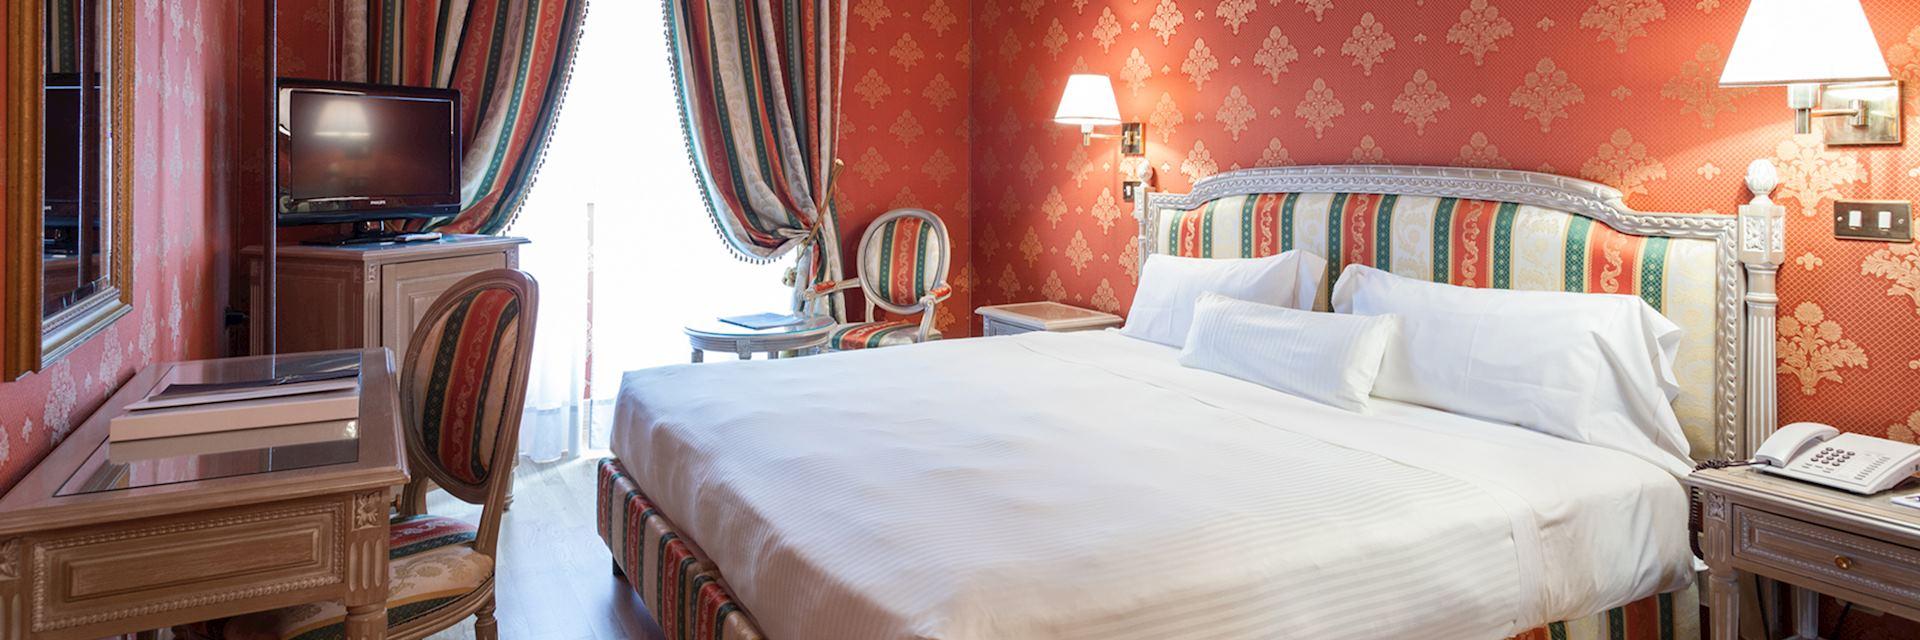 Superior room, Hotel De La Ville, Milan